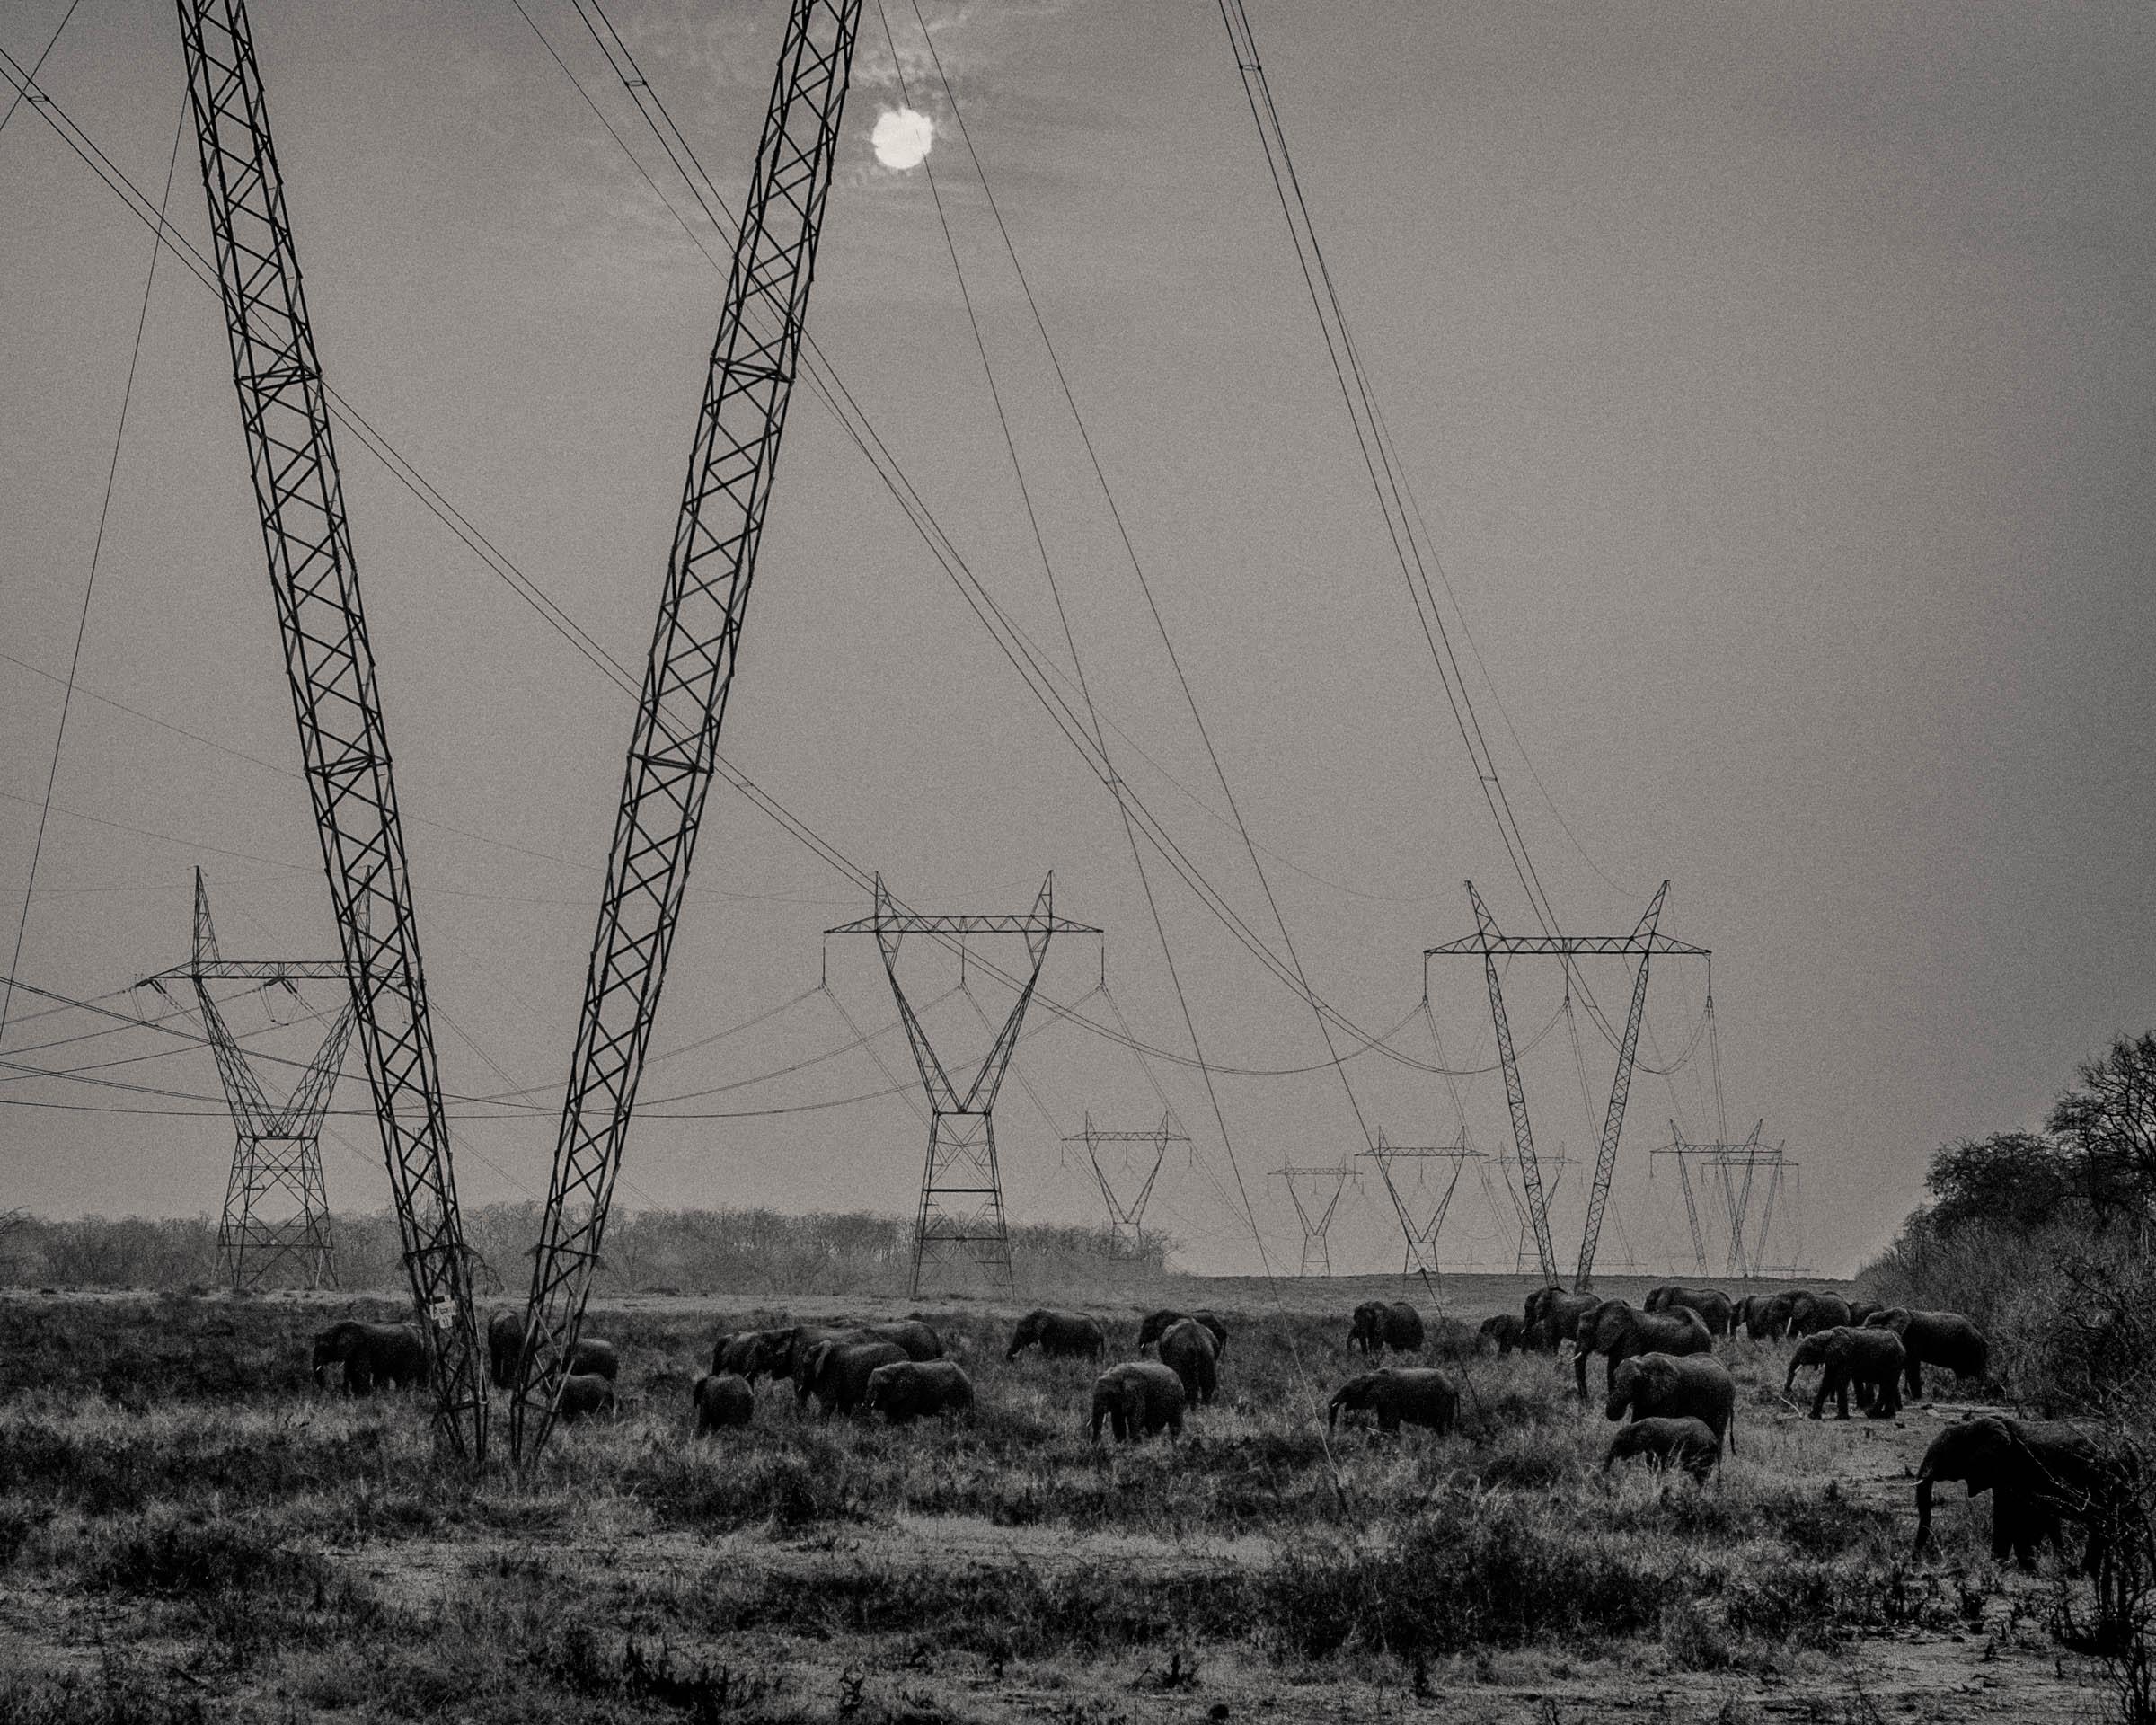 zimbabwean electric elephants